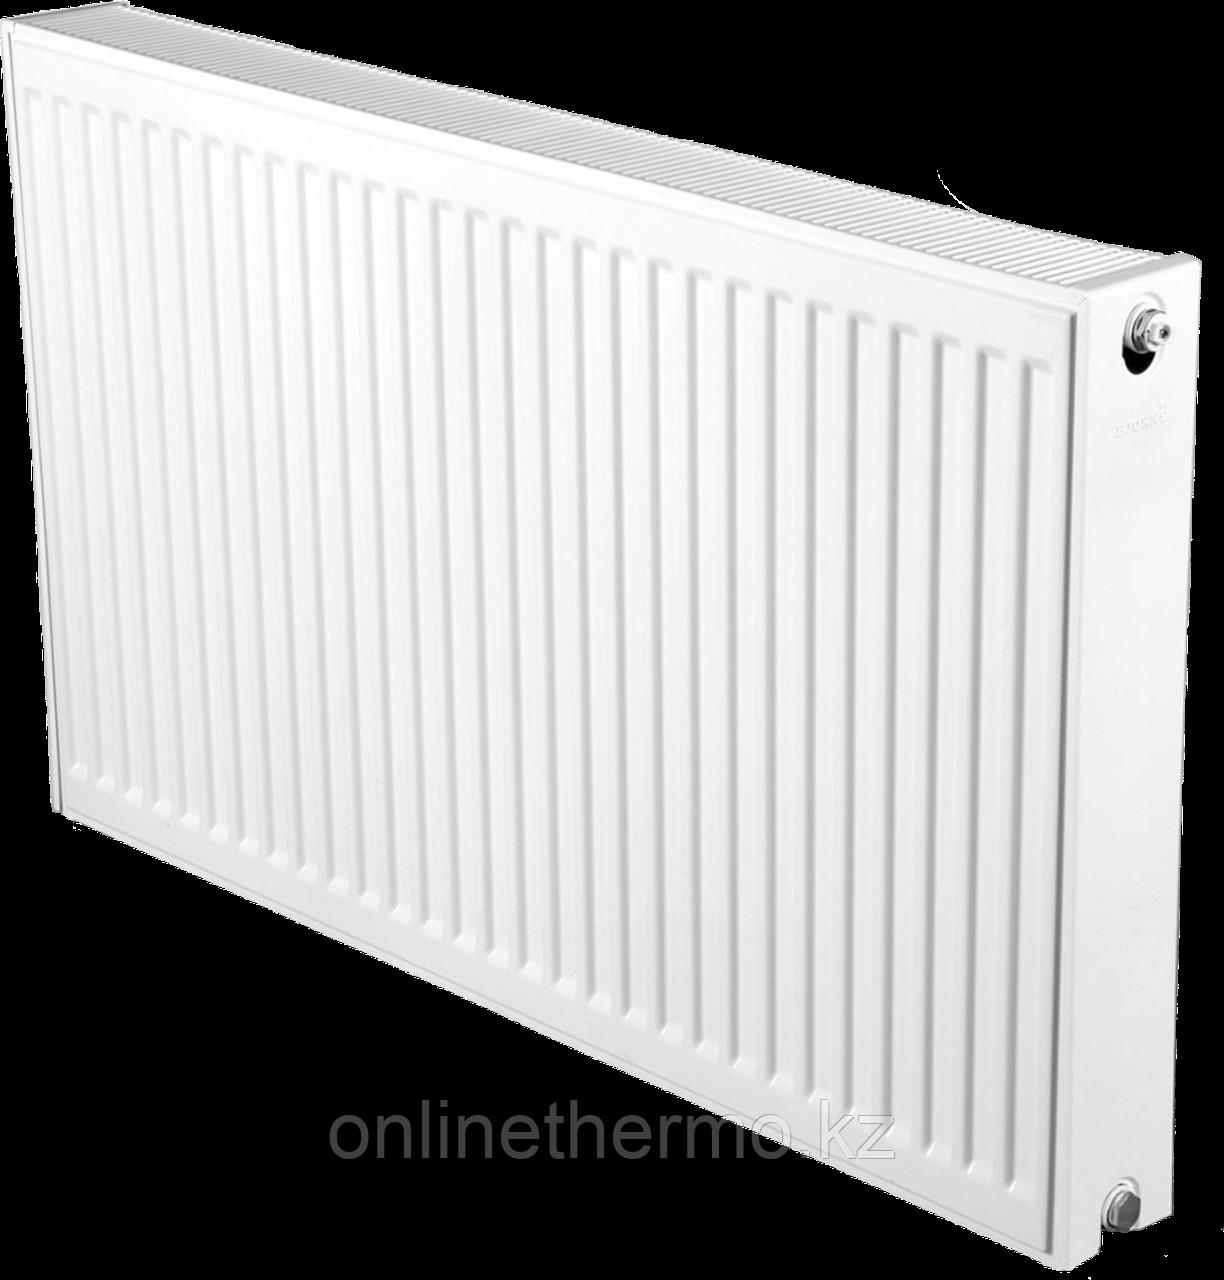 Радиатор стальной тип 22K H500мм*L1100мм панельный Bjorne боковое подключение - фото 1